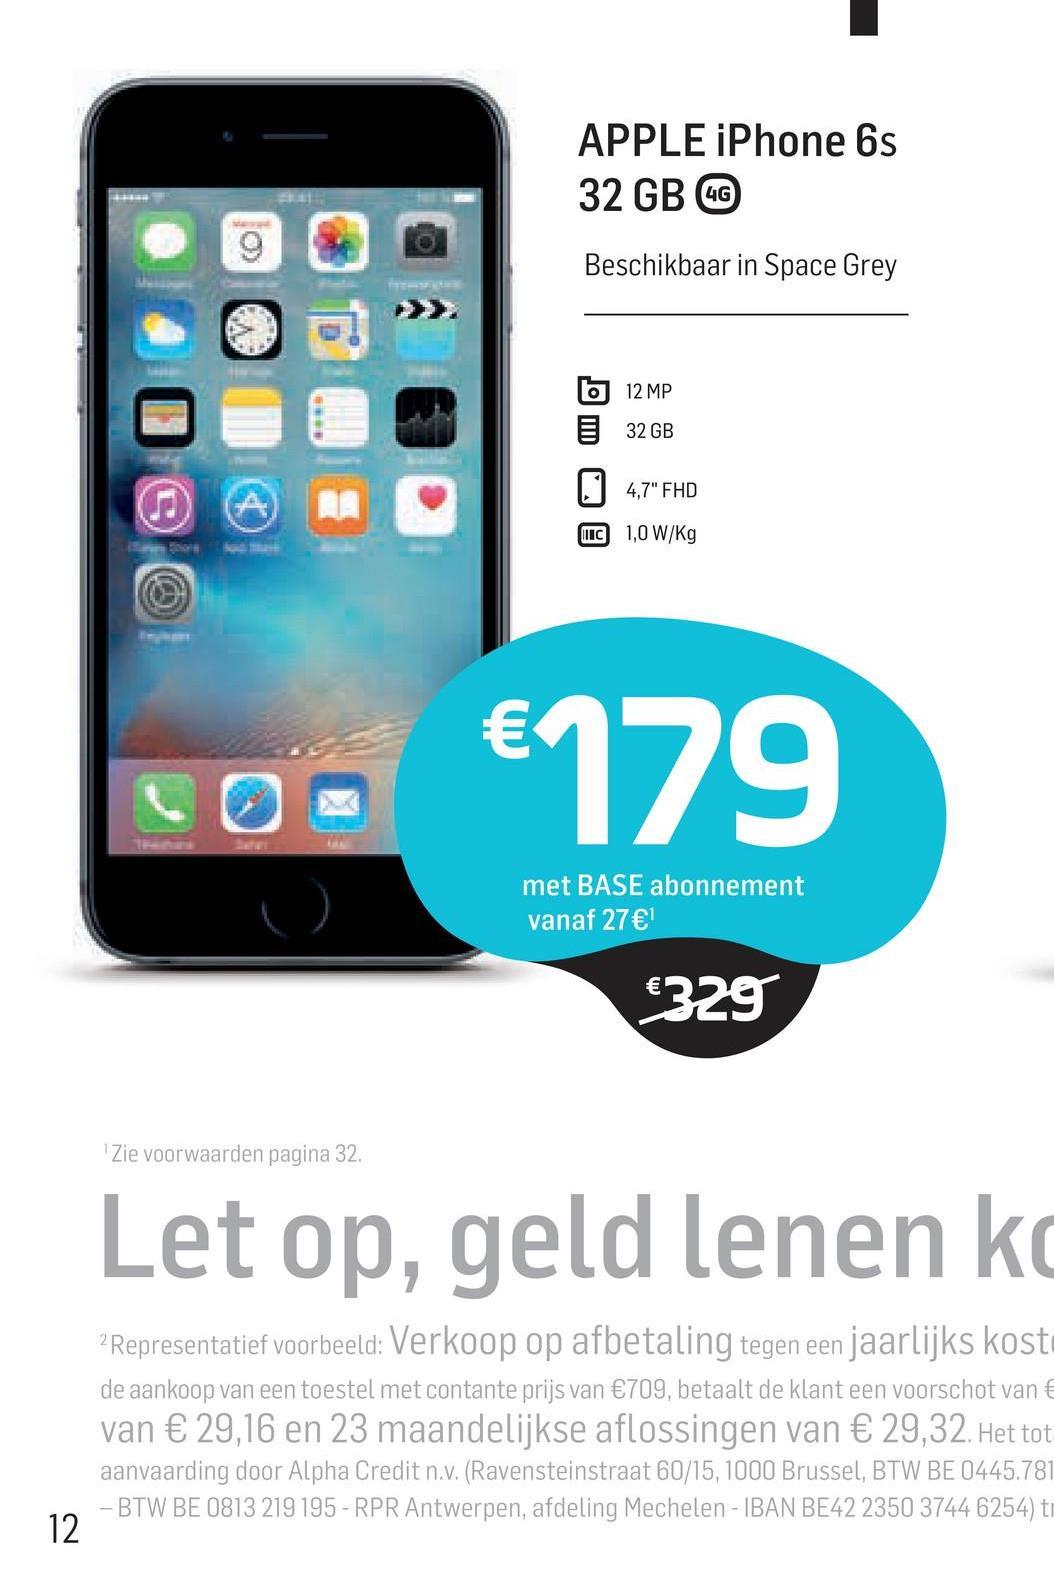 """APPLE iPhone 6s 32 GB GO Beschikbaar in Space Grey 12 MP 32 GB 4,7"""" FHD MC 1,0 W/Kg €179 met BASE abonnement vanaf 27€ €329 Zie voorwaarden pagina 32, Let op, geld lenen ko 2 Representatief voorbeeld: Verkoop op afbetaling tegen een jaarlijks kosti de aankoop van een toestel met contante prijs van €709, betaalt de klant een voorschot van € van € 29,16 en 23 maandelijkse aflossingen van € 29,32. Het tot aanvaarding door Alpha Credit n.v. (Ravensteinstraat 60/15, 1000 Brussel, BTW BE 0445.78 - BTW BE 0813 219 195 - RPR Antwerpen, afdeling Mechelen - IBAN BE42 2350 3744 6254) t"""